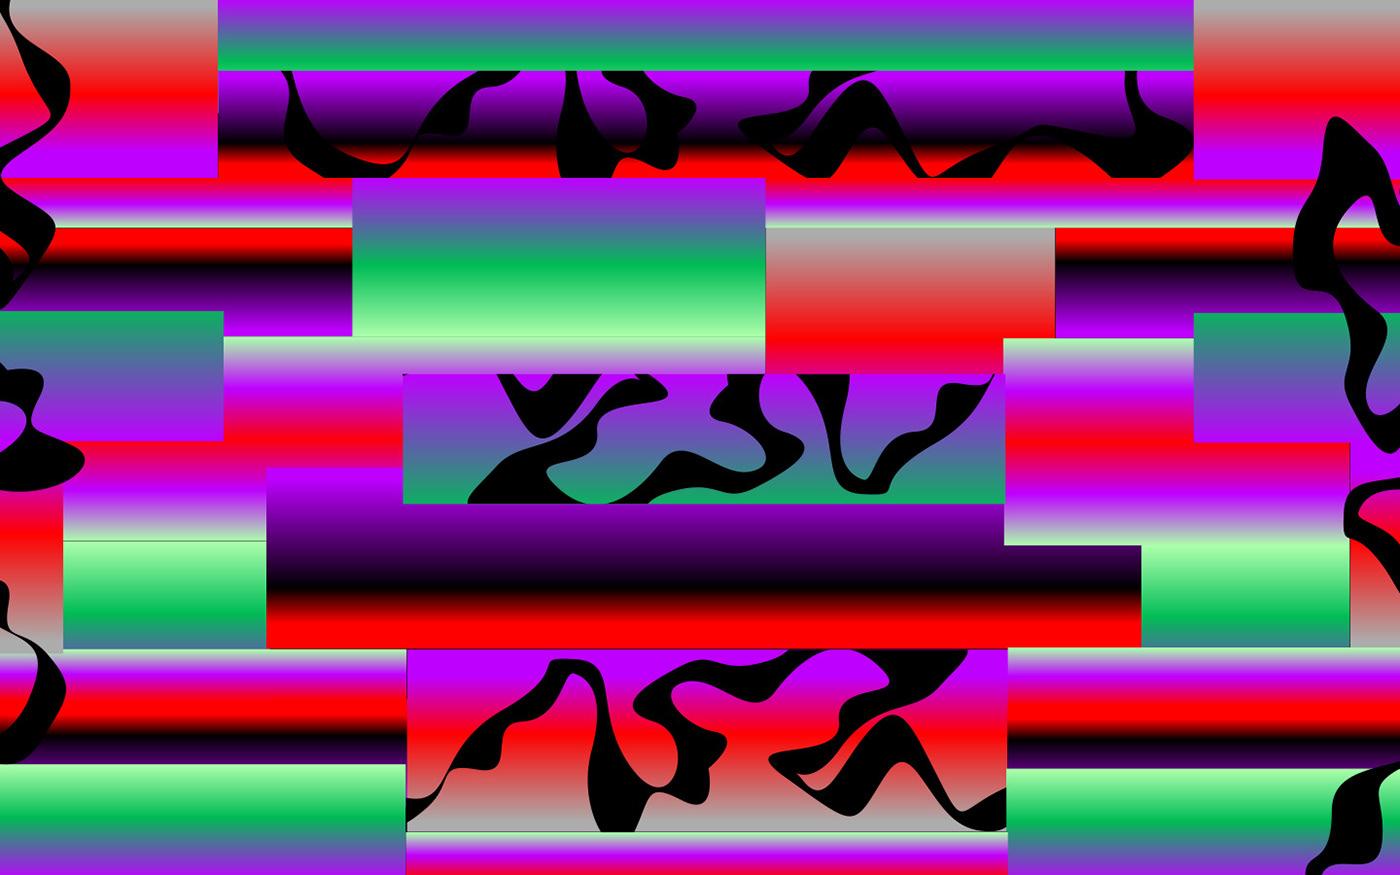 Image may contain: art, screenshot and creativity